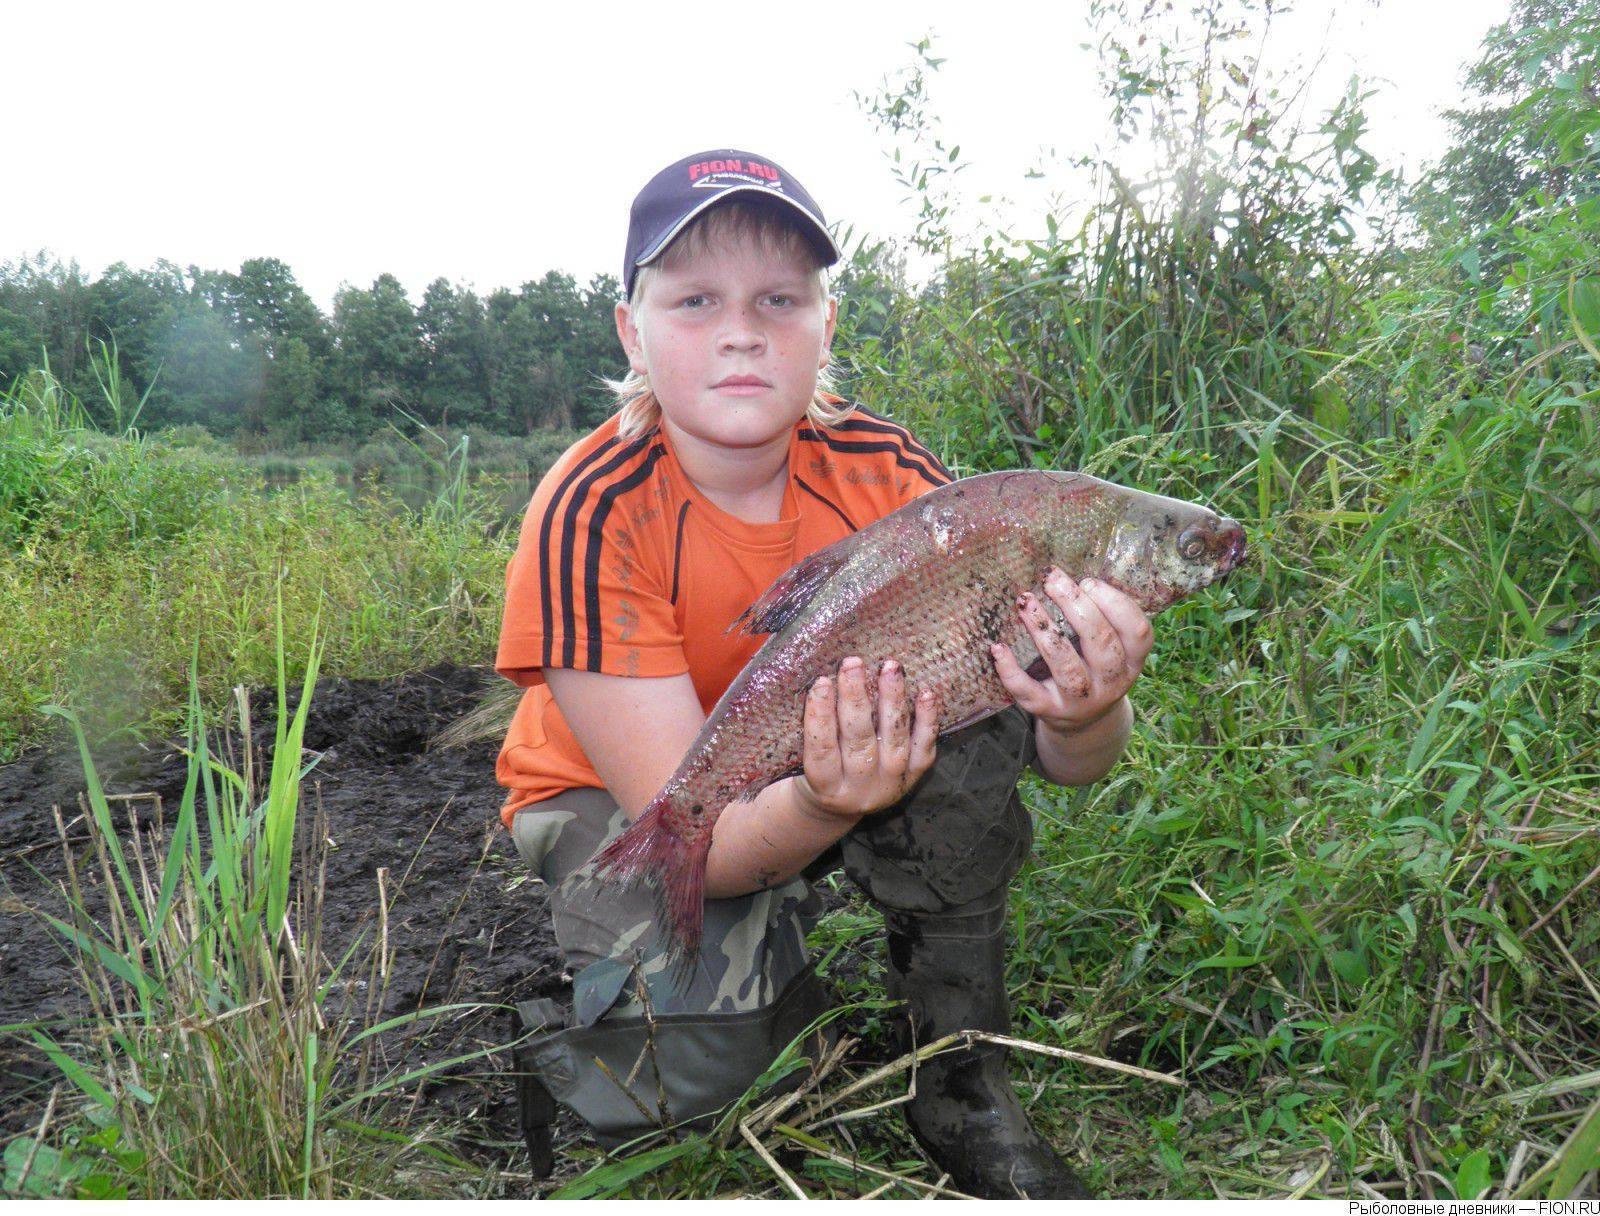 Рыбалка в муромском районе. рыболовный форум и отчеты